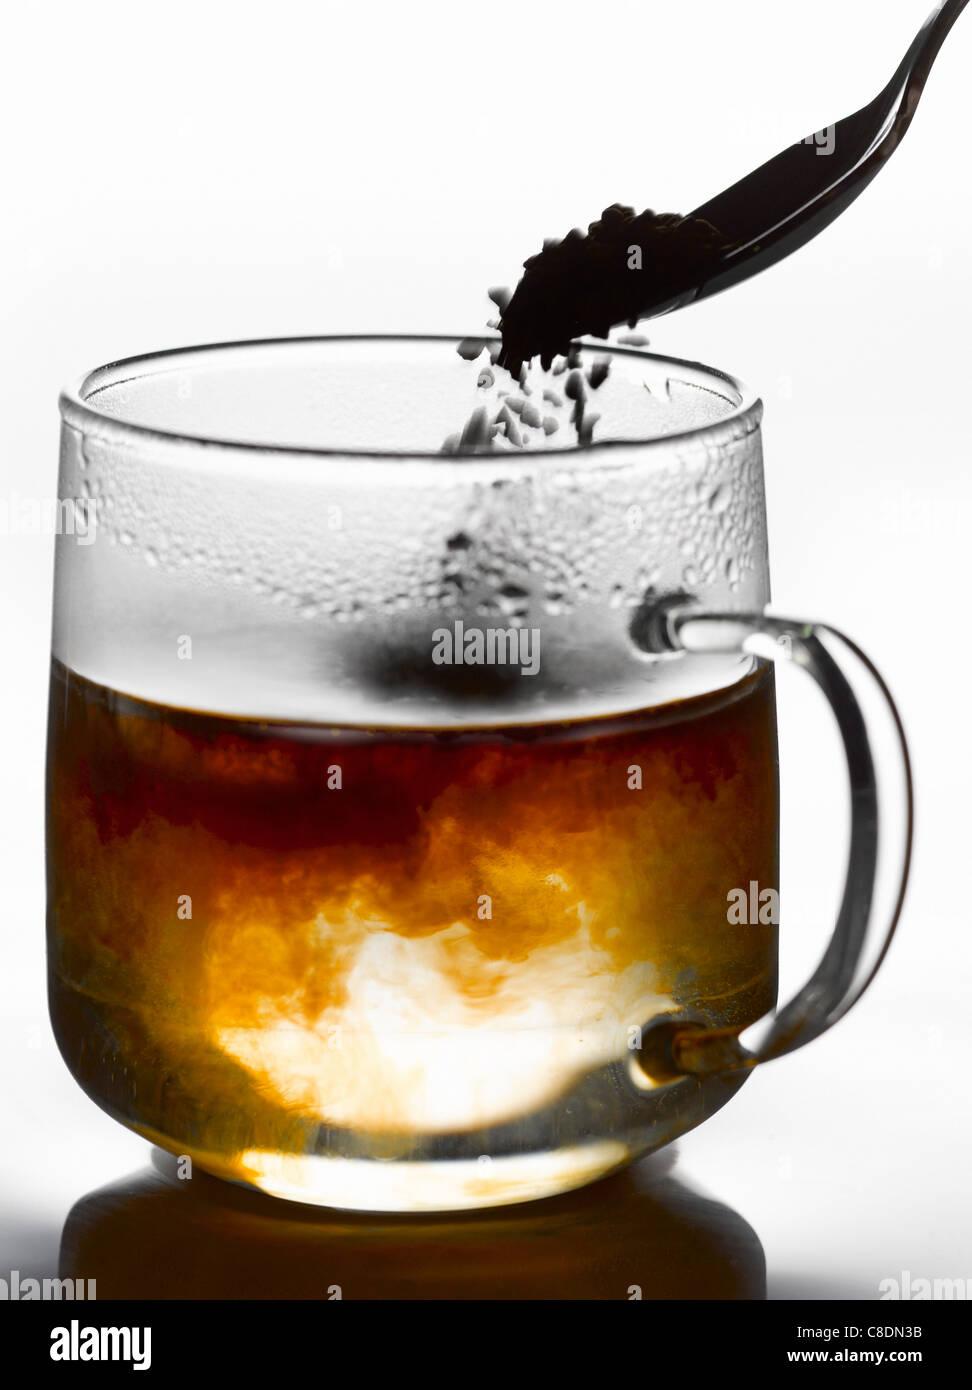 L'ajout de l'instant café pour une tasse d'eau bouillante Photo Stock